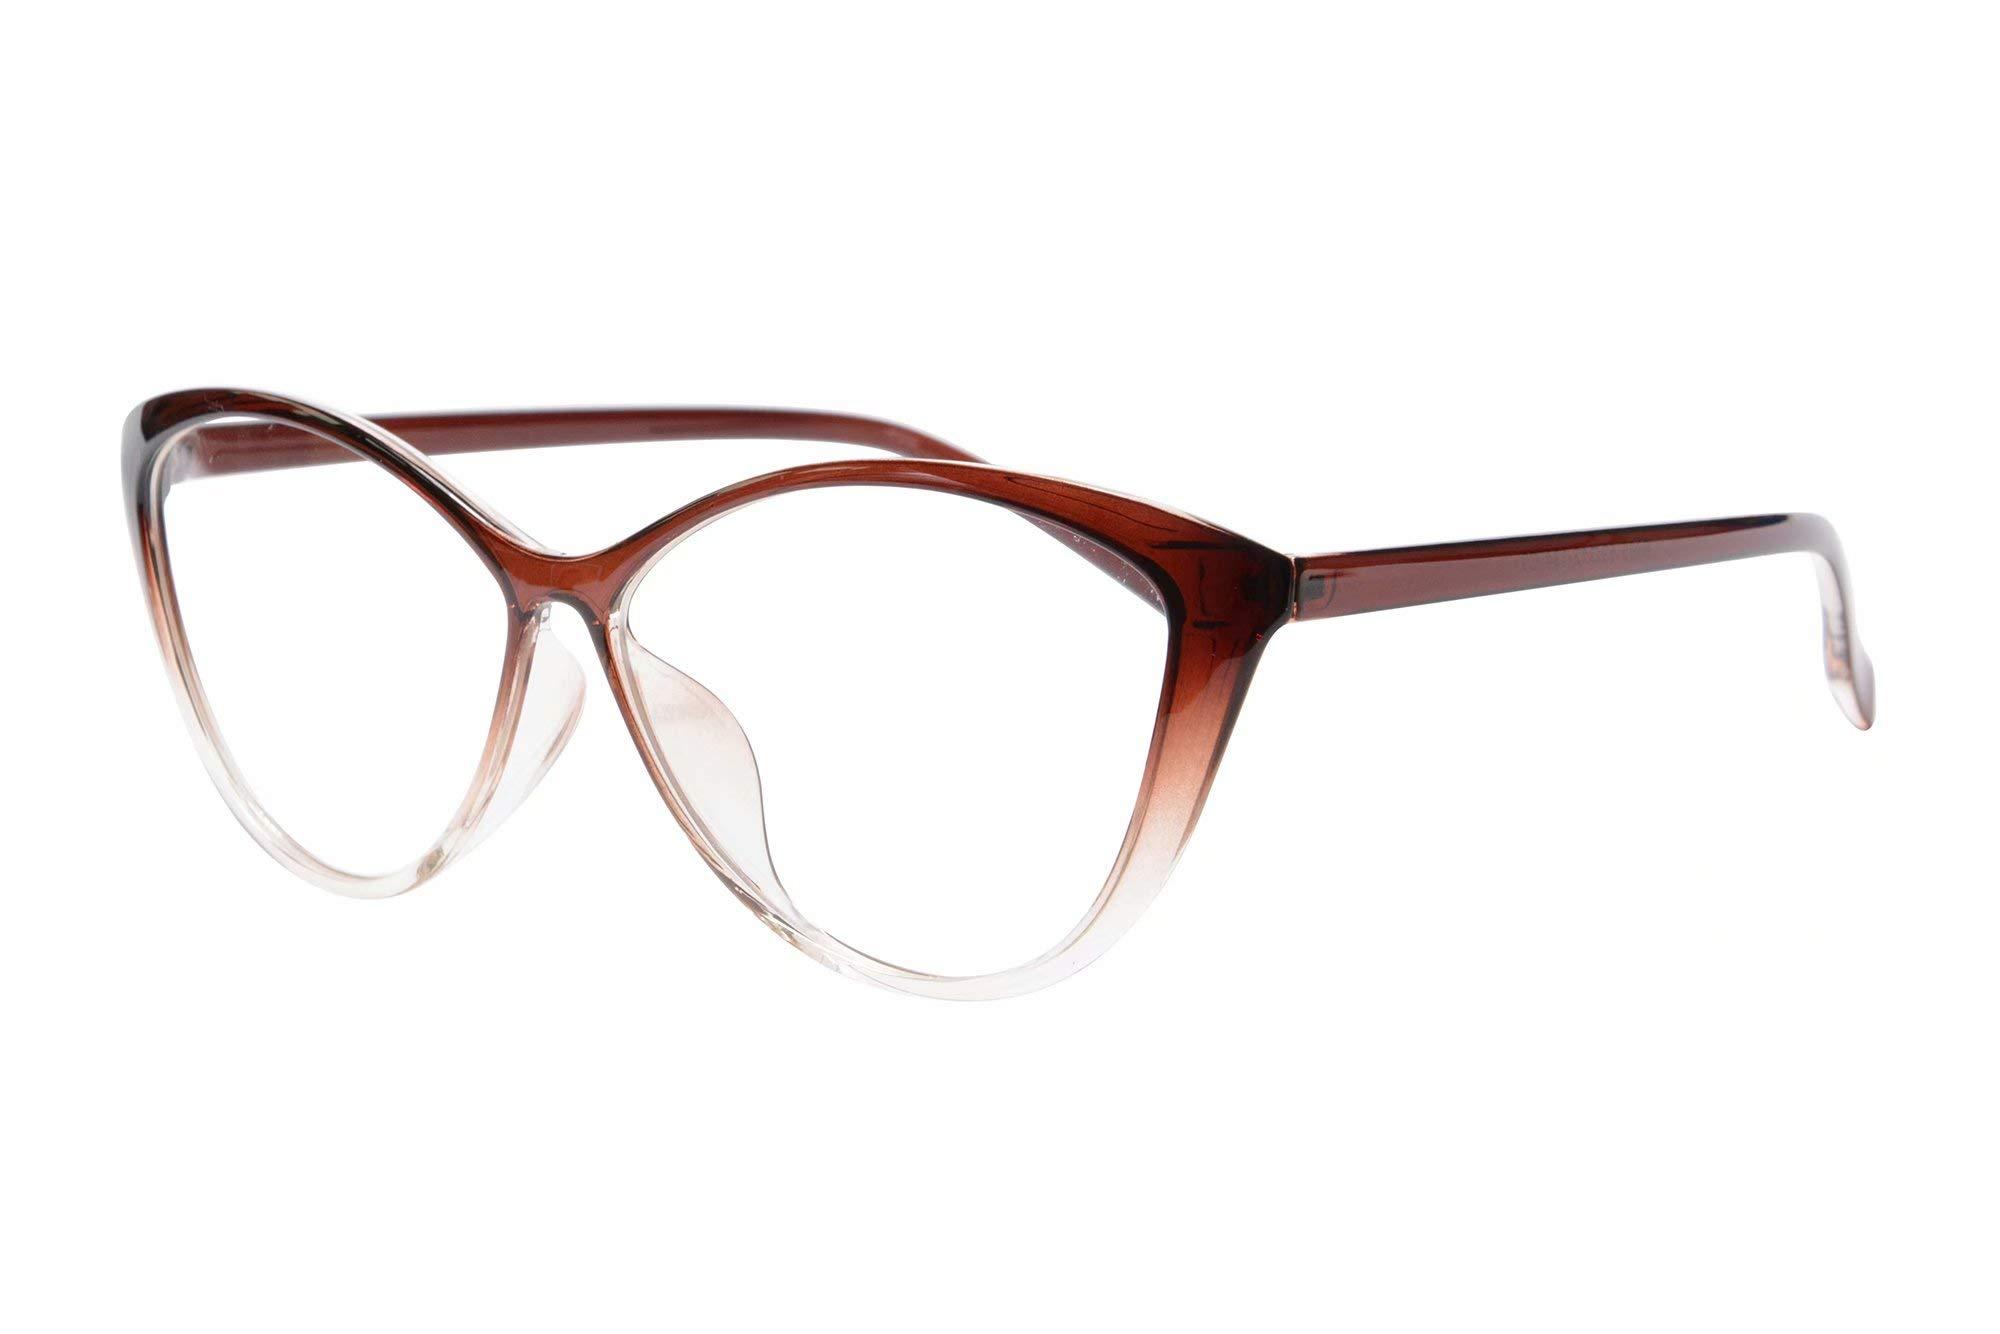 MEDOLONG Anti Blue Ray Computer Reading Glasses TR90 Cateye Women's Frame Blue Light Light Spectacles-RG5865R